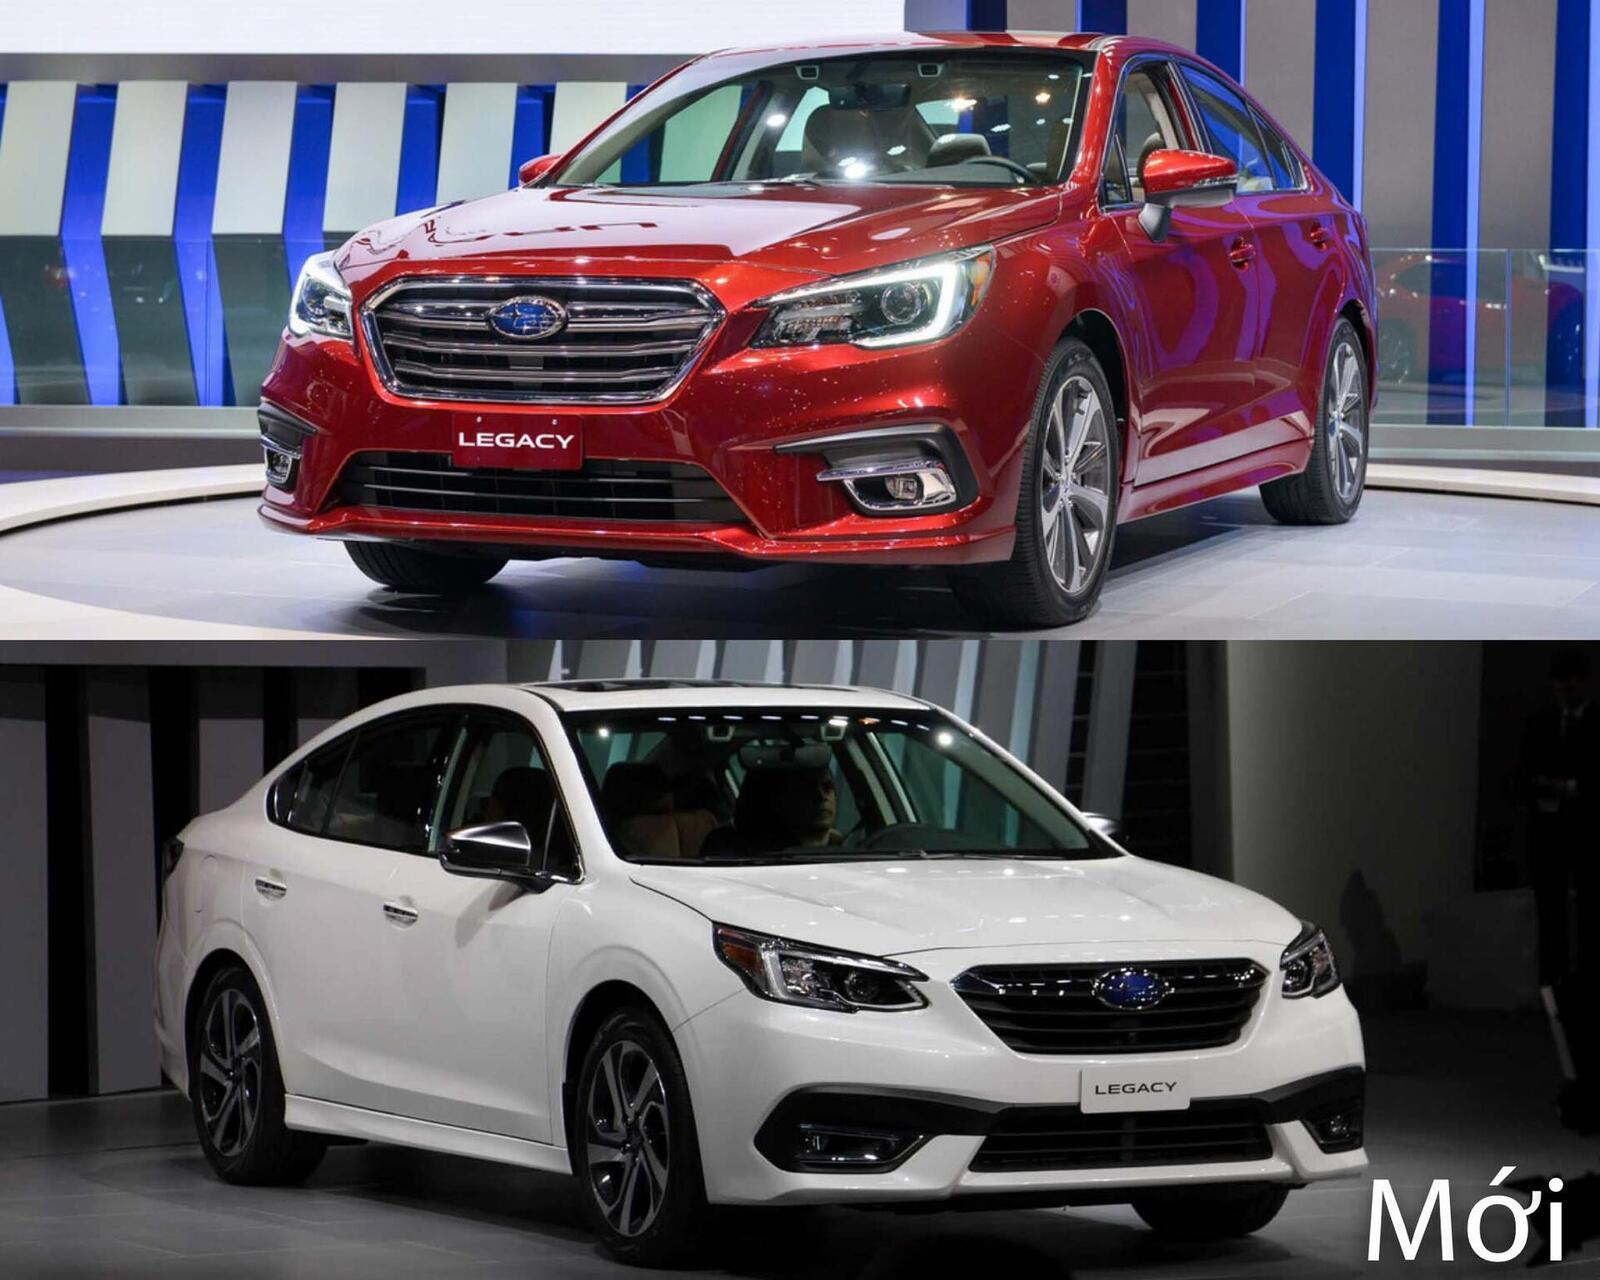 Sự khác biệt giữa Subaru Legacy thế hệ cũ và mới - Hình 3